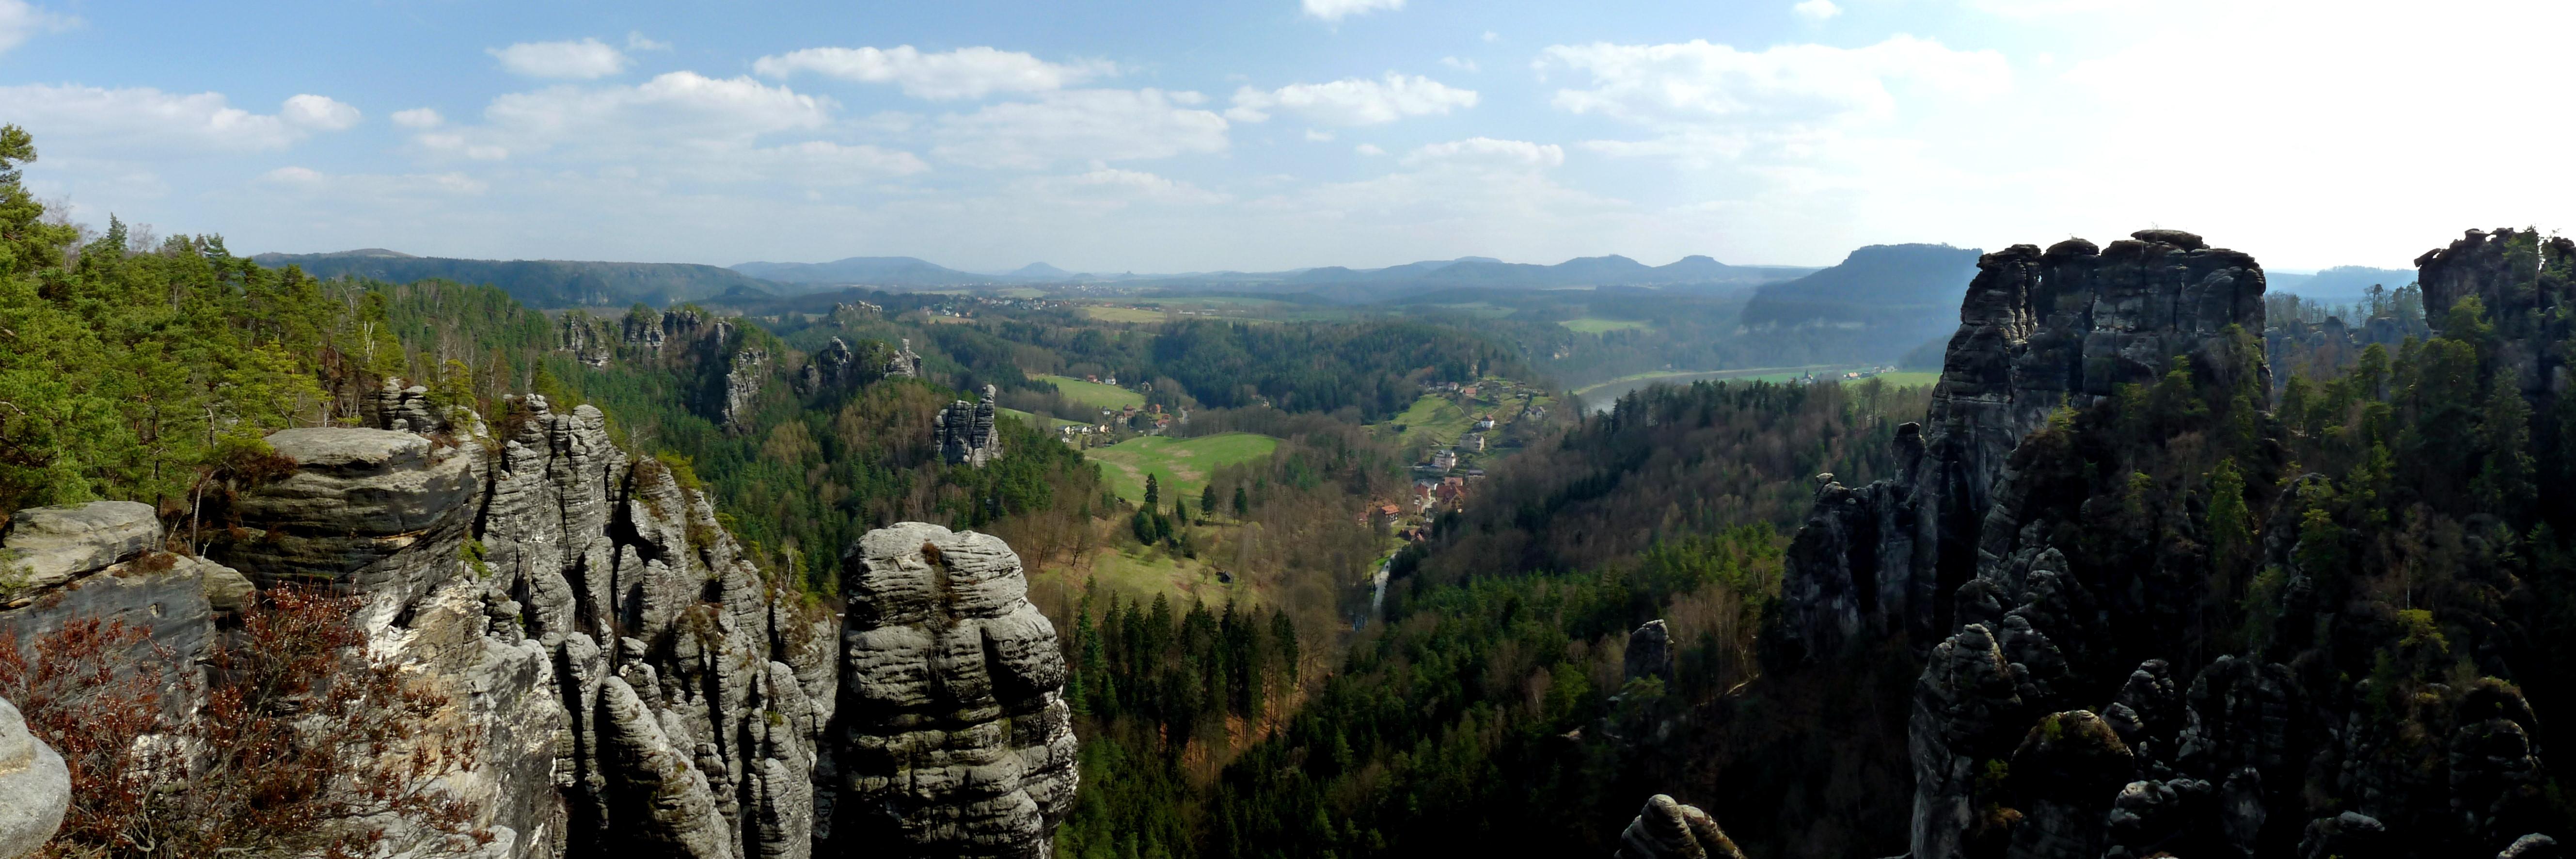 Panorama Wehlgrund_3zu1